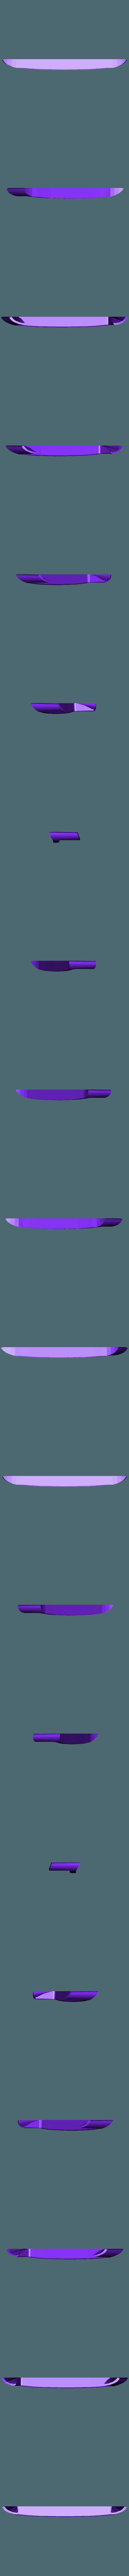 piece_cab_2_b.STL Télécharger fichier STL gratuit rc truck 1/14 FH body • Objet à imprimer en 3D, r083726